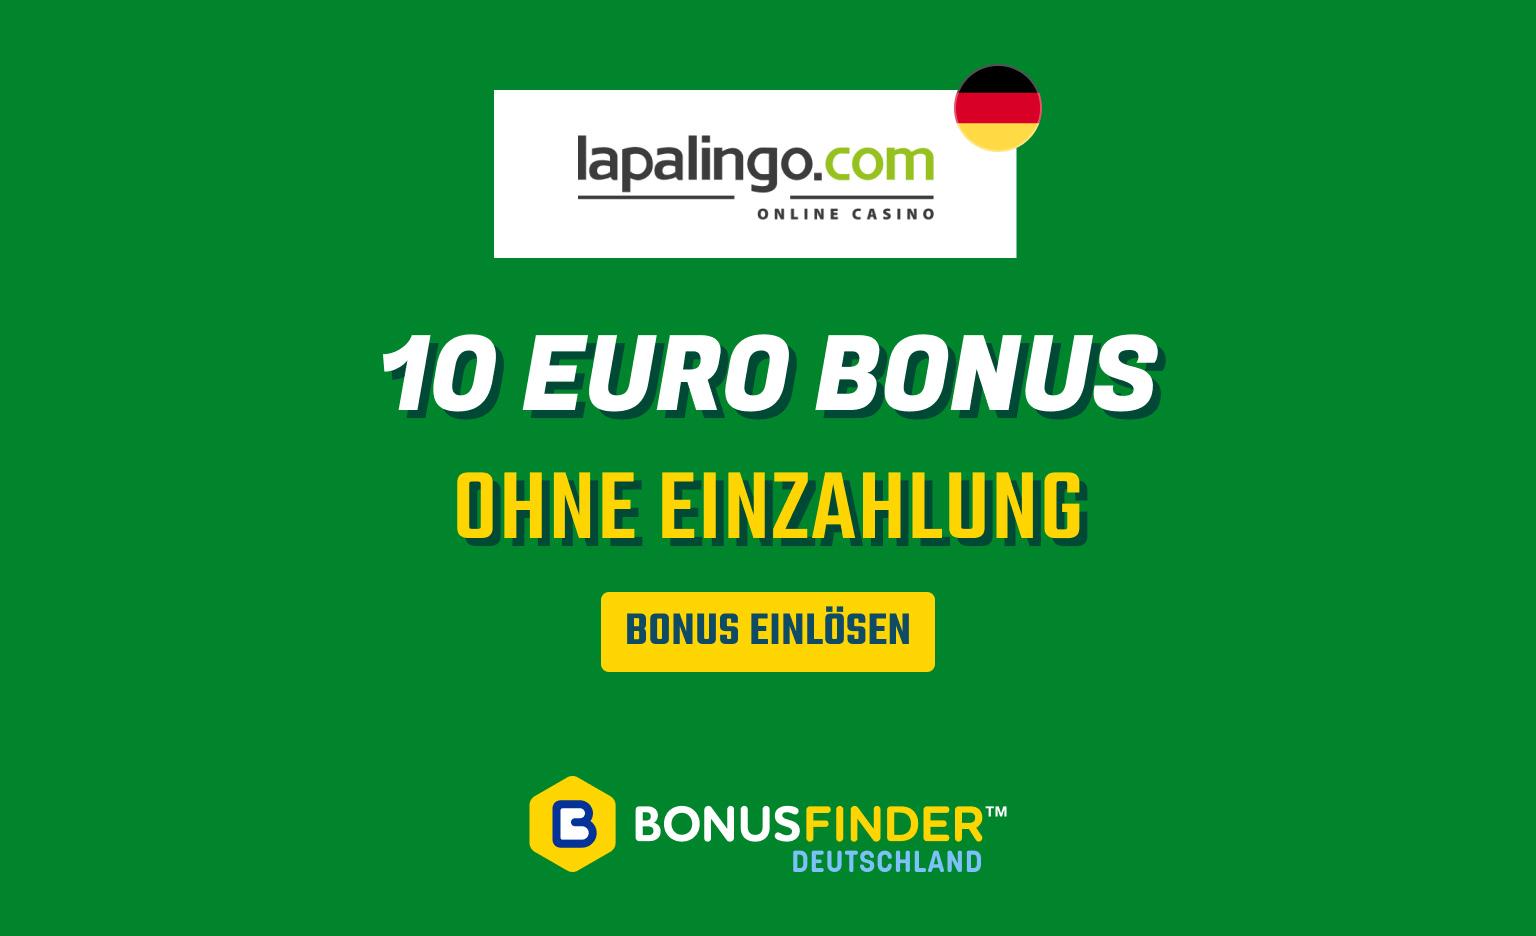 lapalingo 10 euro bonus ohne einzahlung